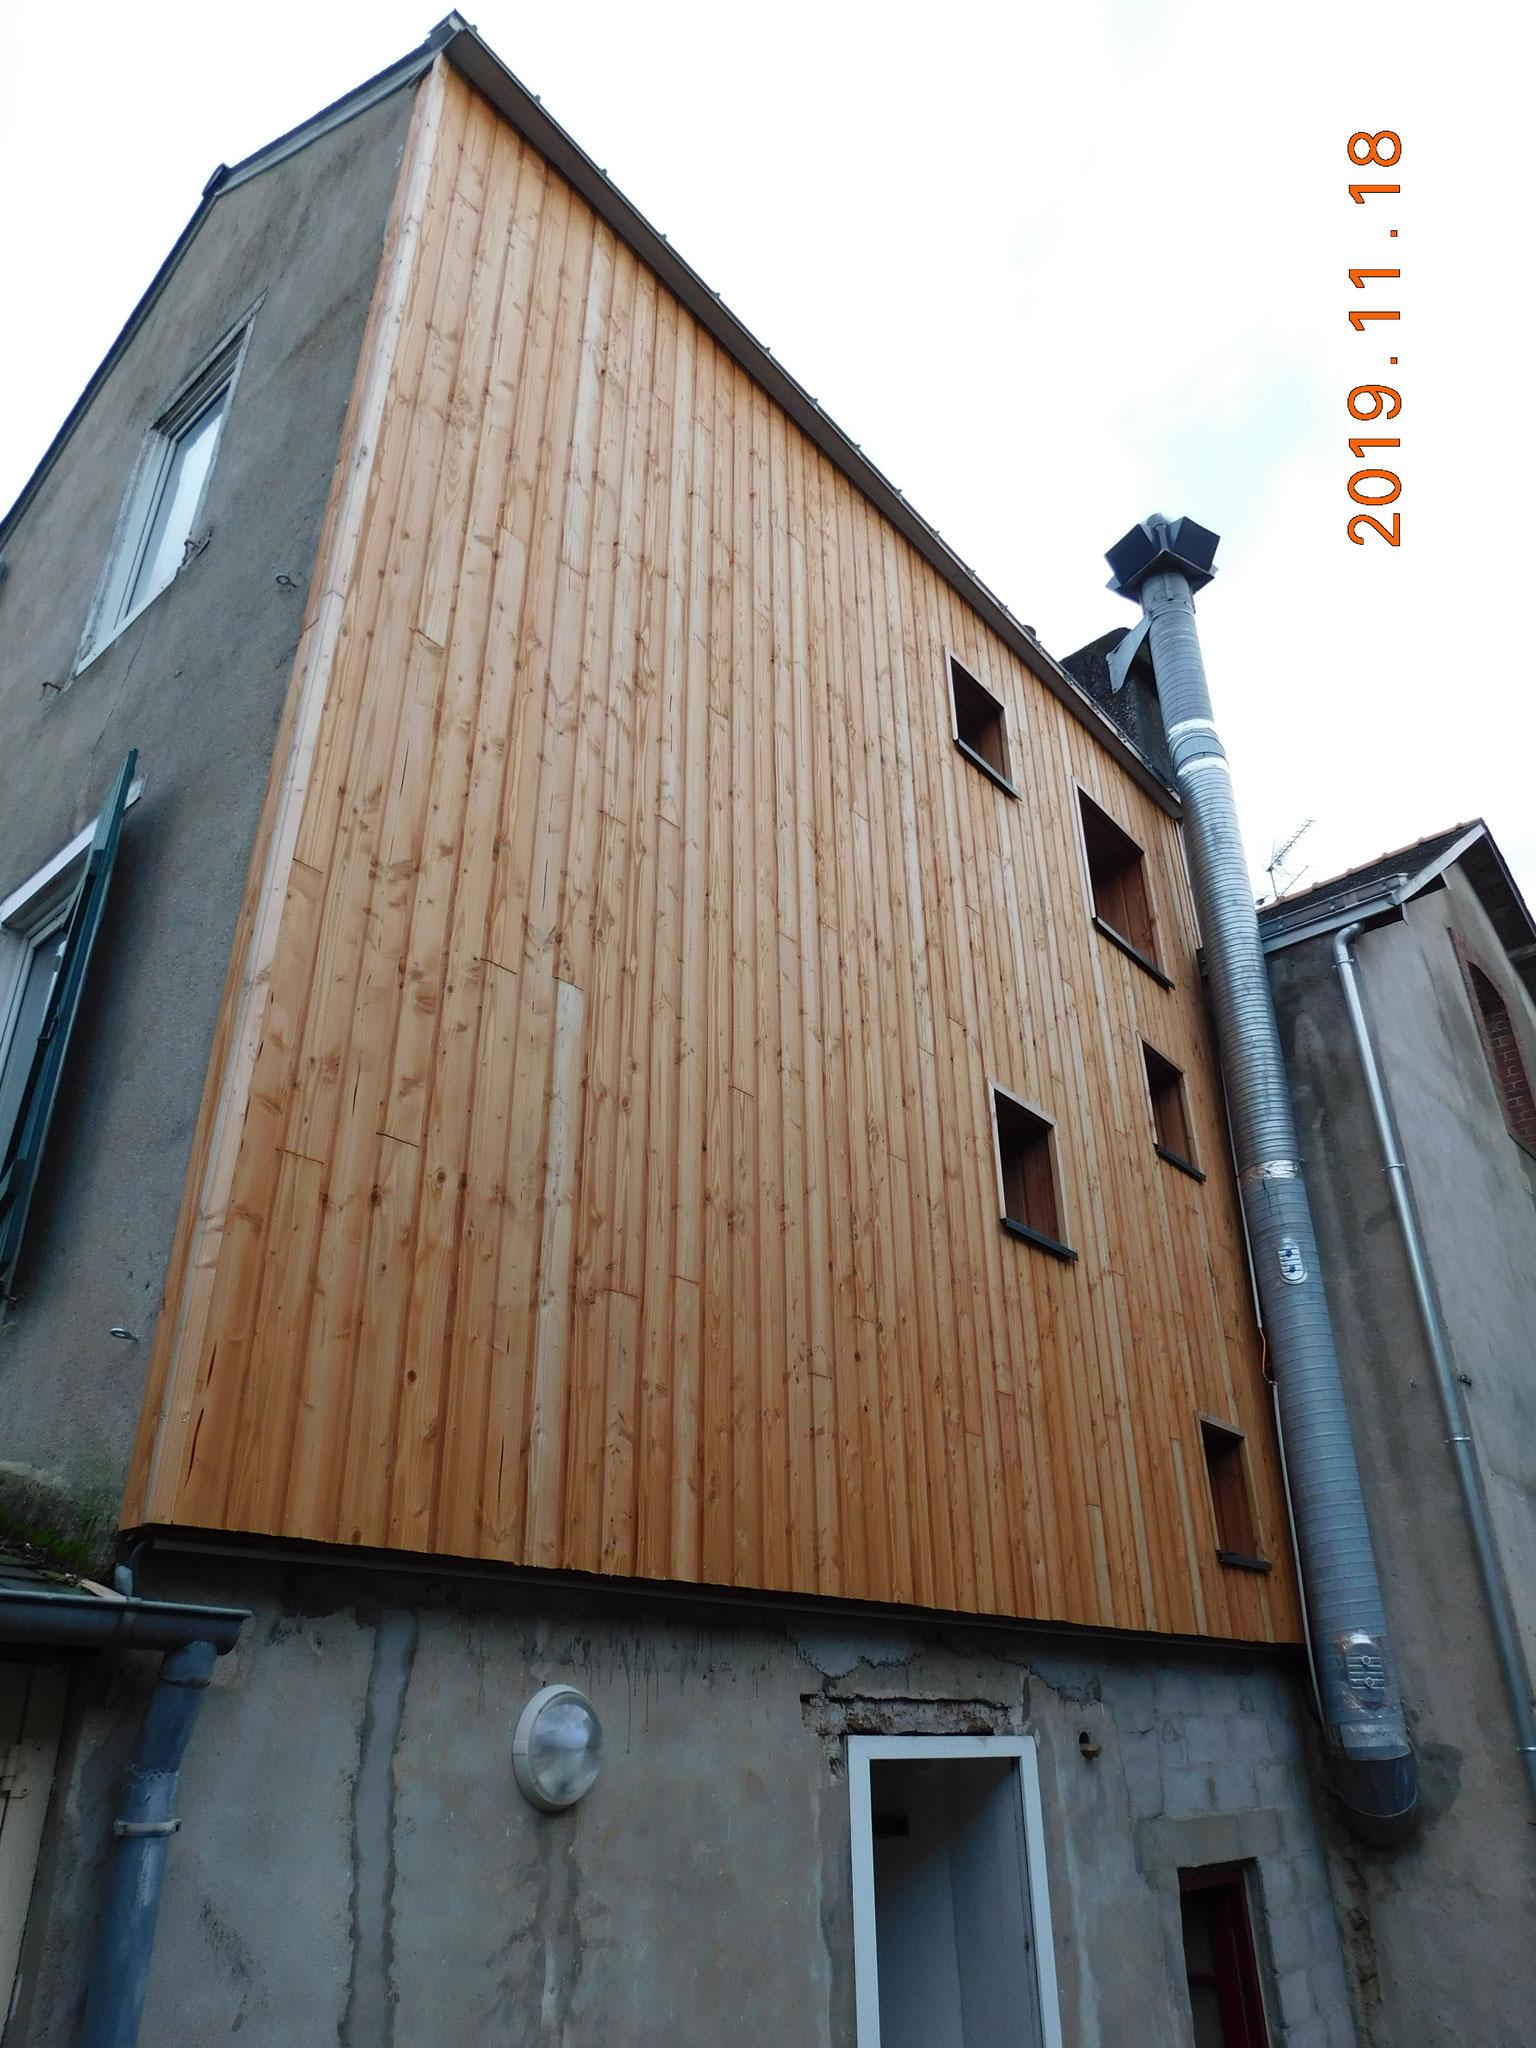 Immeuble d'appartements de ville (Vannes) : étude structure bois (suite expertise état parasitaire)